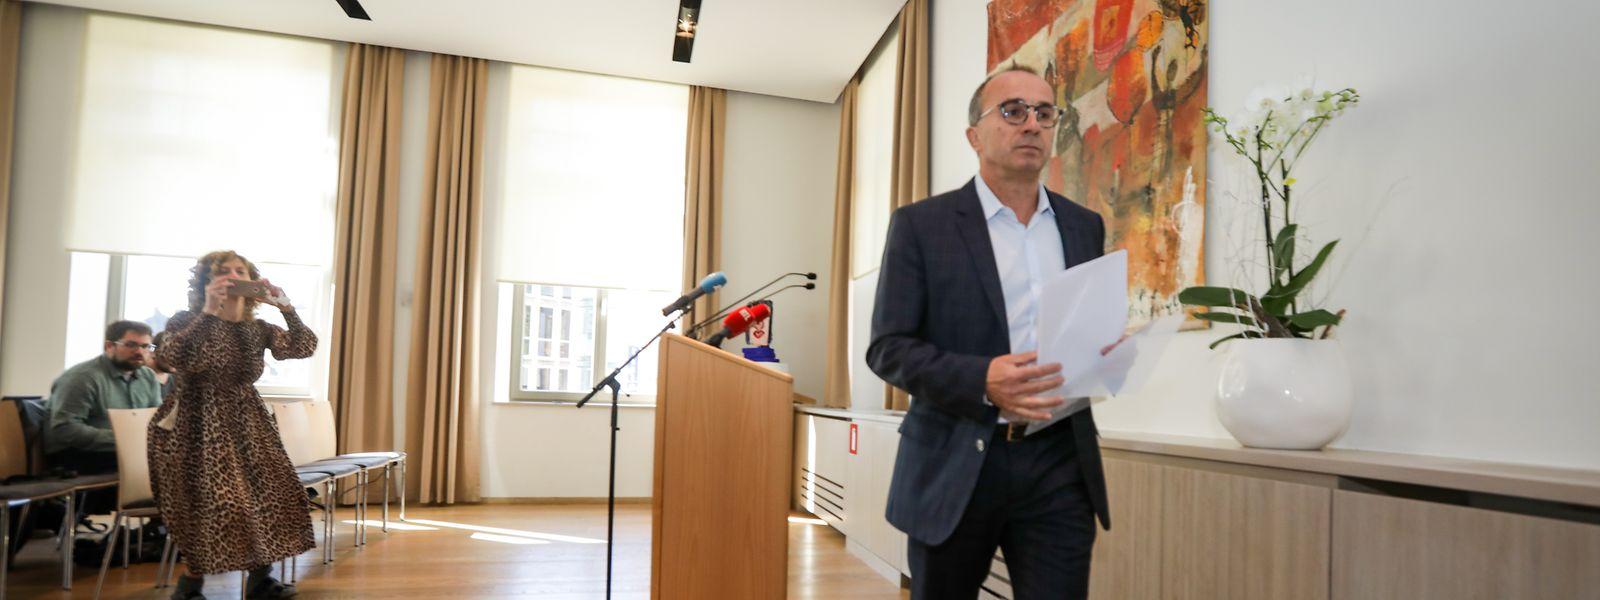 Roberto Traversini geht. Die Sorgen der Grünen bleiben.